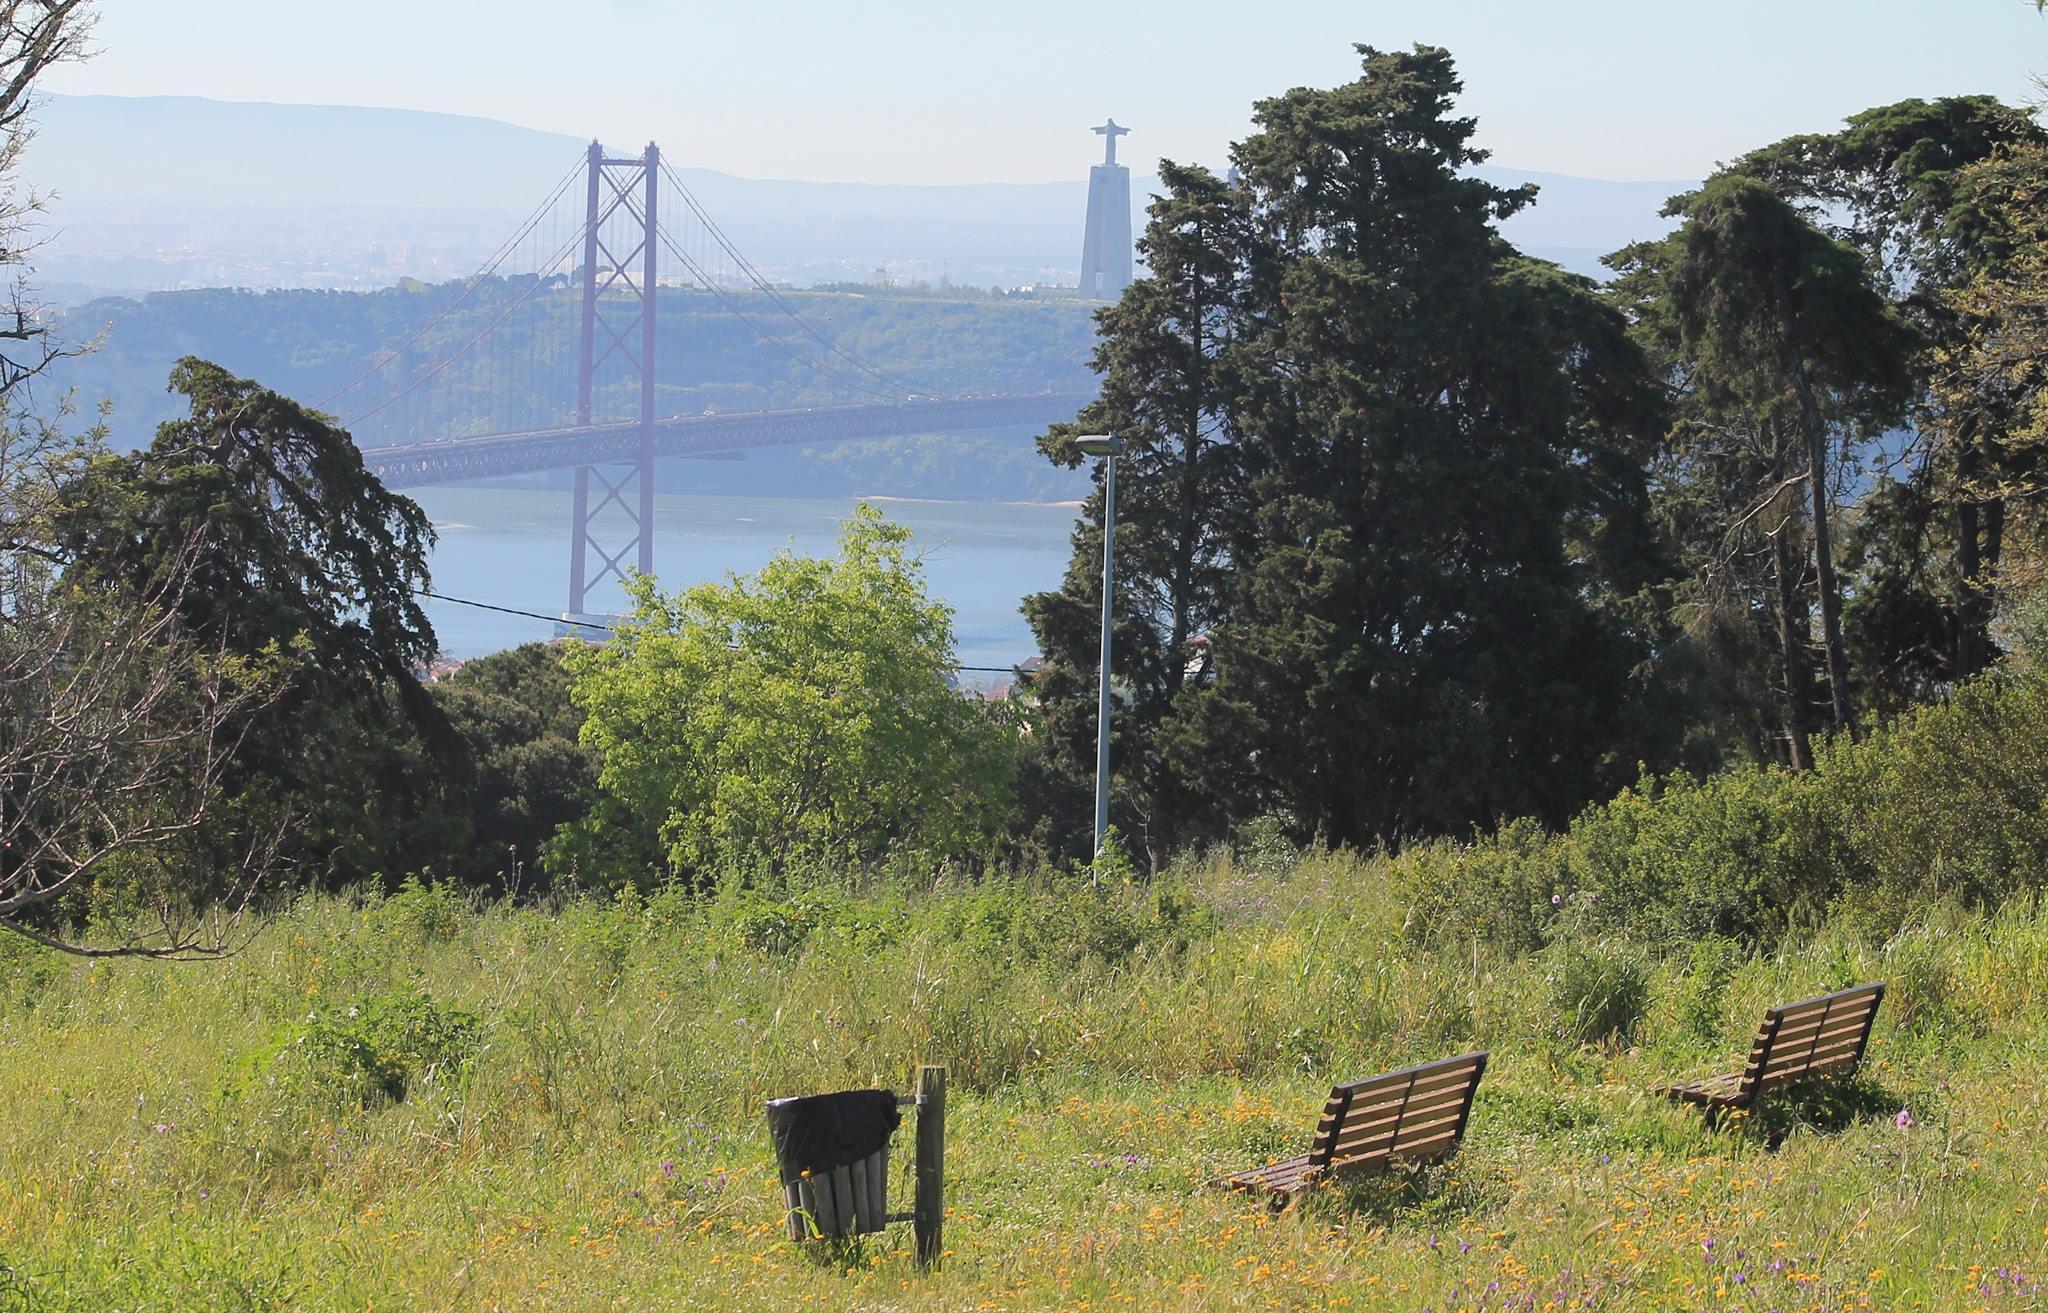 Descansar, contemplando a fauna e a flora e com uma vista sobre o Tejo.